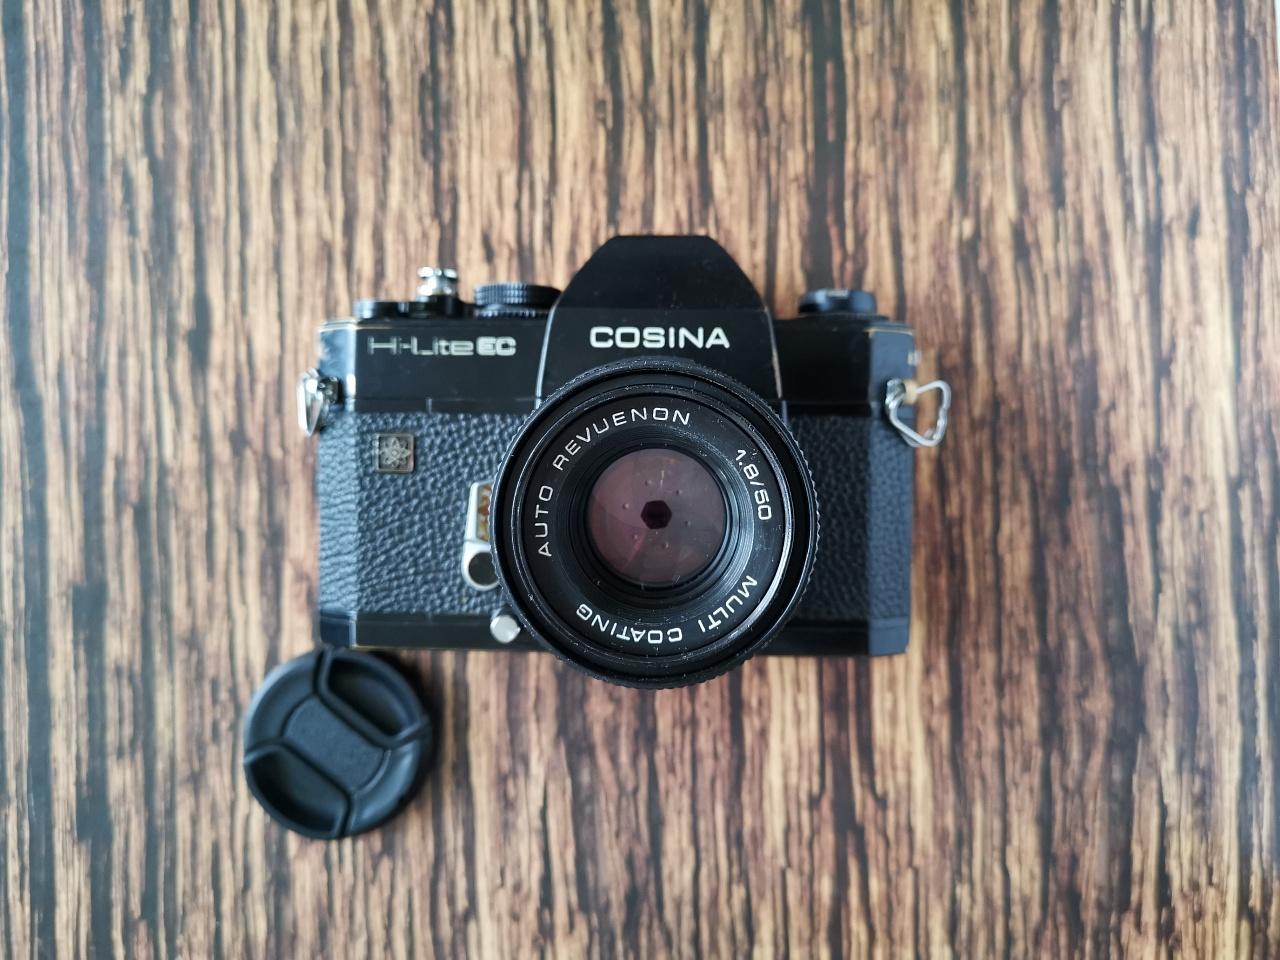 пленочные фотоаппараты с приоритетом диафрагмы сахарном